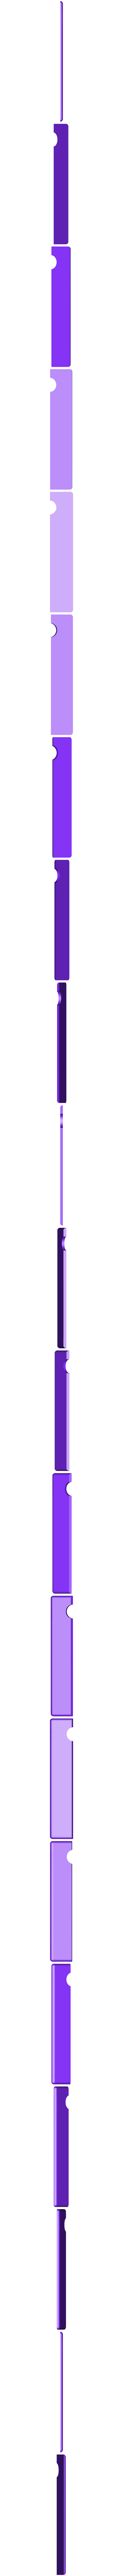 Forearm-Left-White.stl Télécharger fichier STL gratuit Big Optimus Prime! - Modèle multi-matériaux • Plan pour imprimante 3D, ChaosCoreTech